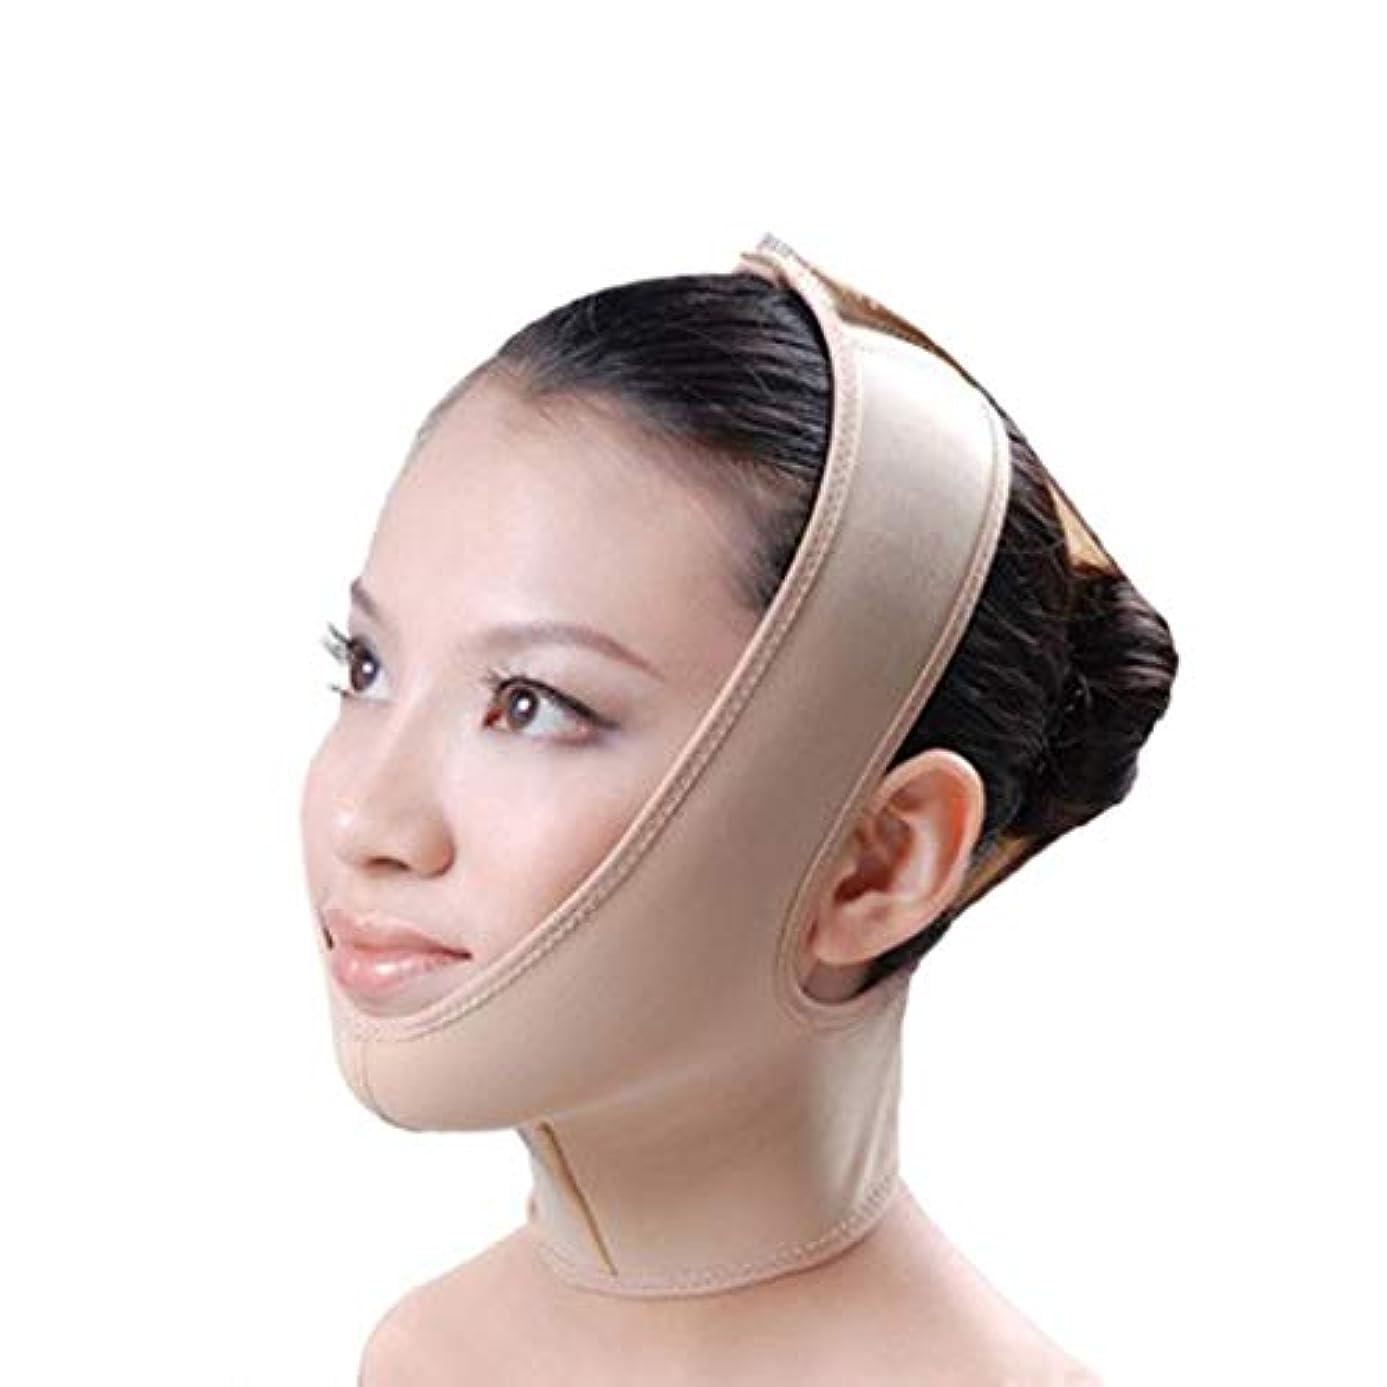 ナインへチチカカ湖適用済みフェイススリム、リフティングマスク、包帯リフト、ダブルチン、ファーミングフェイシャルリフト、フェイシャル減量マスク、リフティングスキンバンデージ (Size : XL)